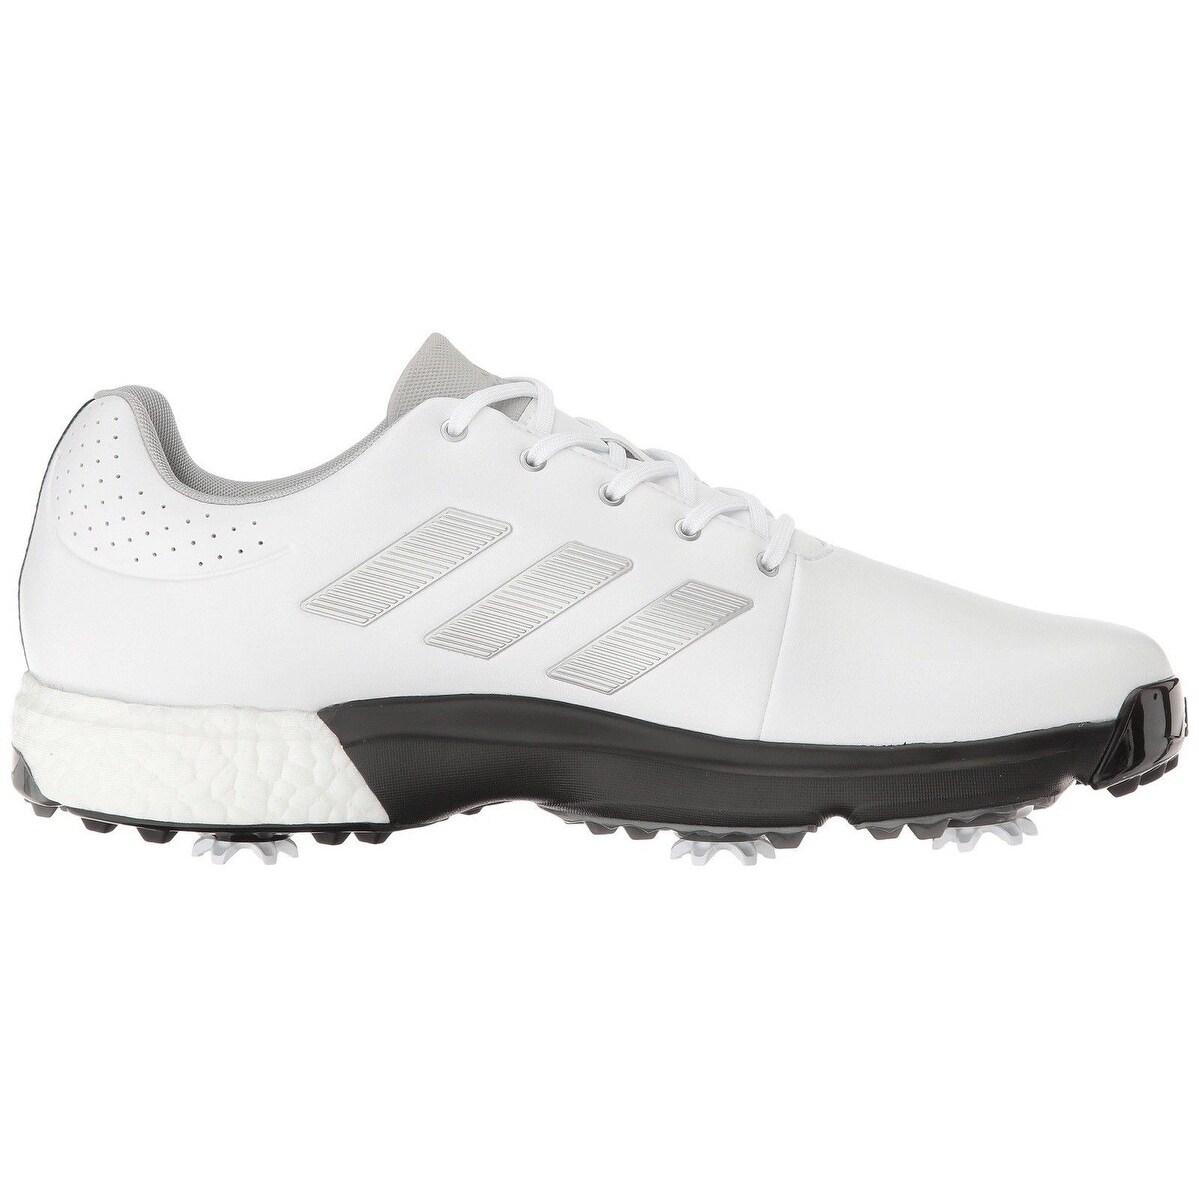 Negozio Adidas Uomini Adipower Spinta 3 / Argento Metallico Bianco / Nero A Golf